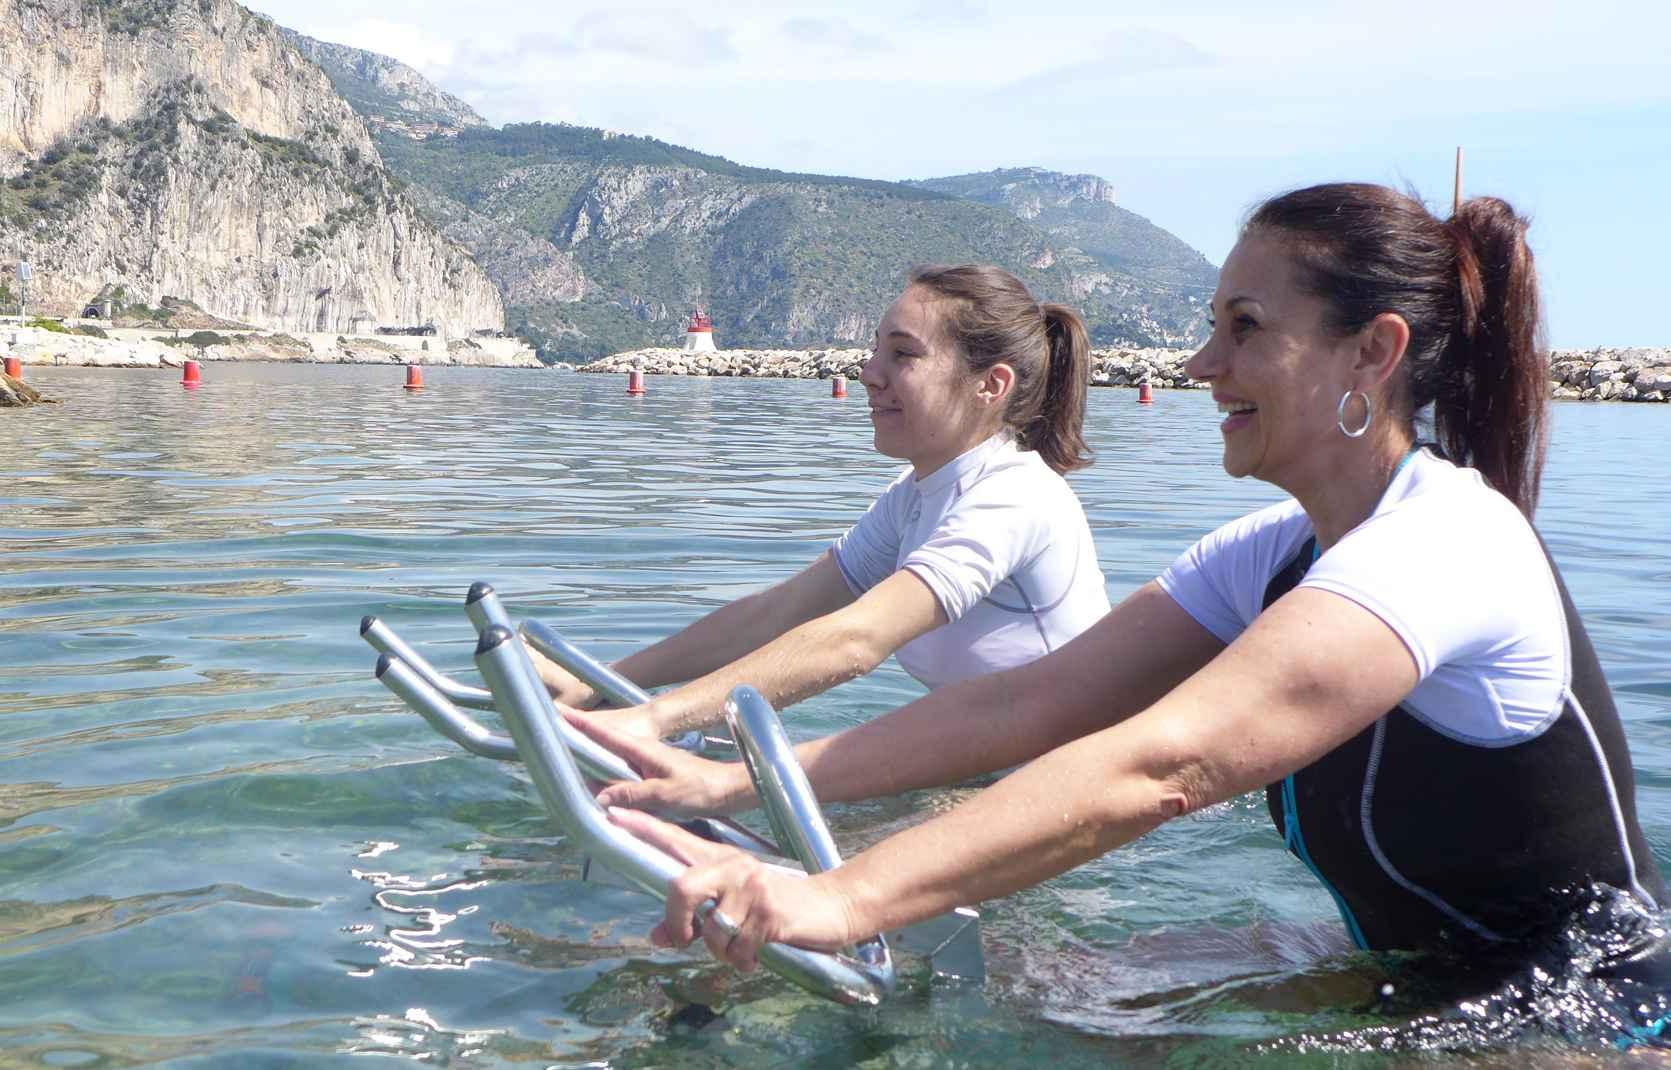 L'aquabike en Méditerranée se pratique toute l'année, même l'hiver.